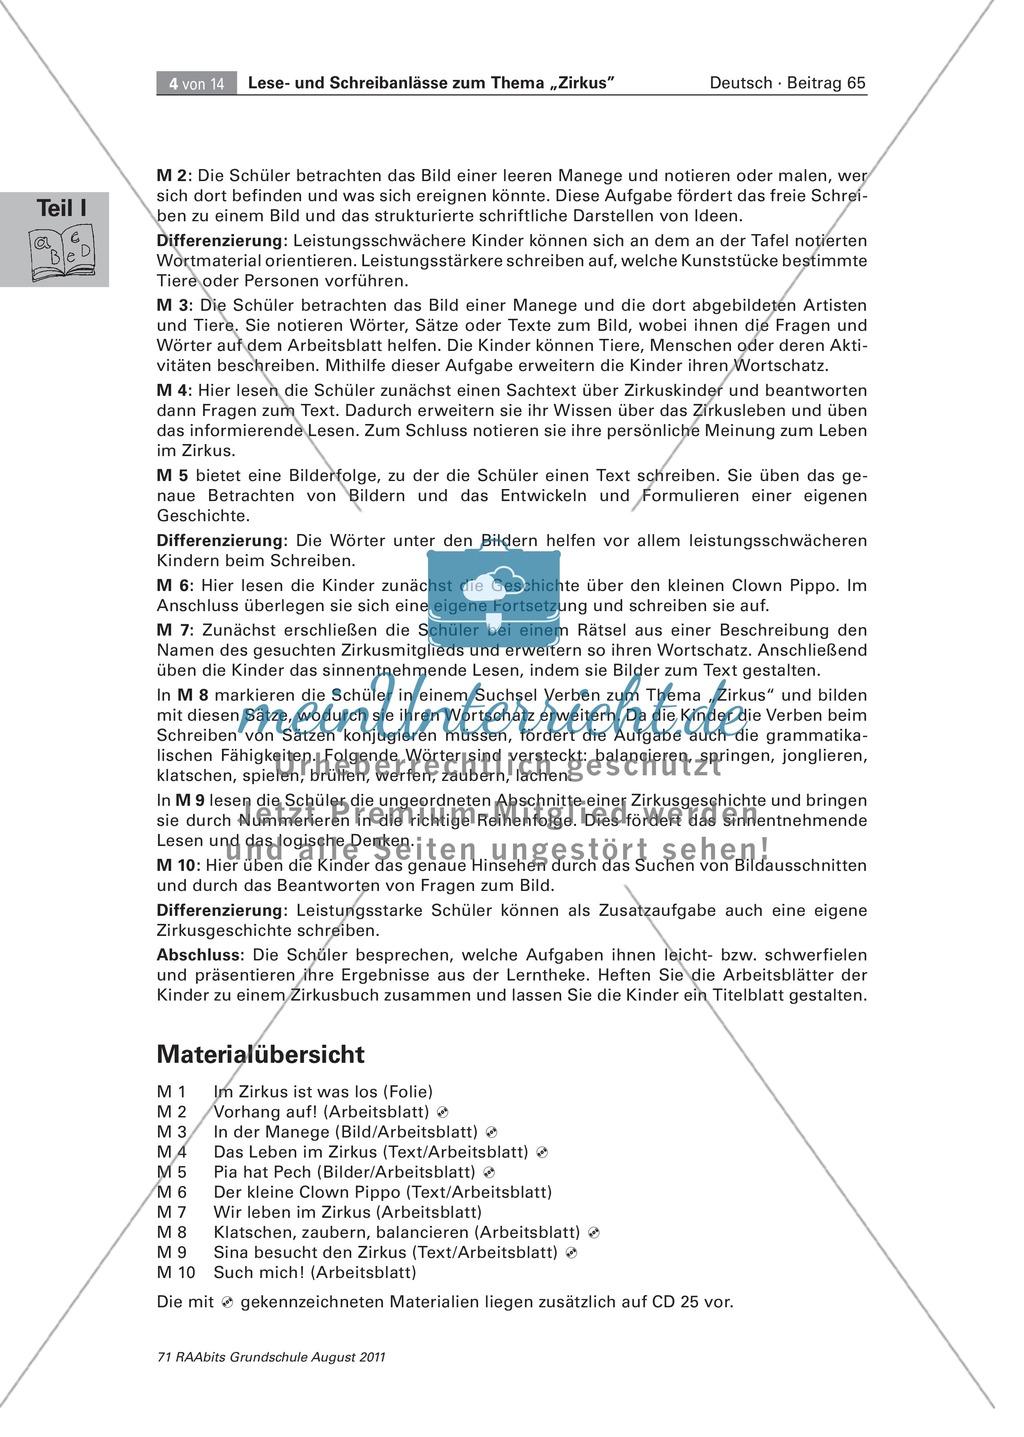 """Schreibanlässe zum Thema """"Zirkus"""" - Aufgaben für das Lernen an der Lerntheke Preview 2"""